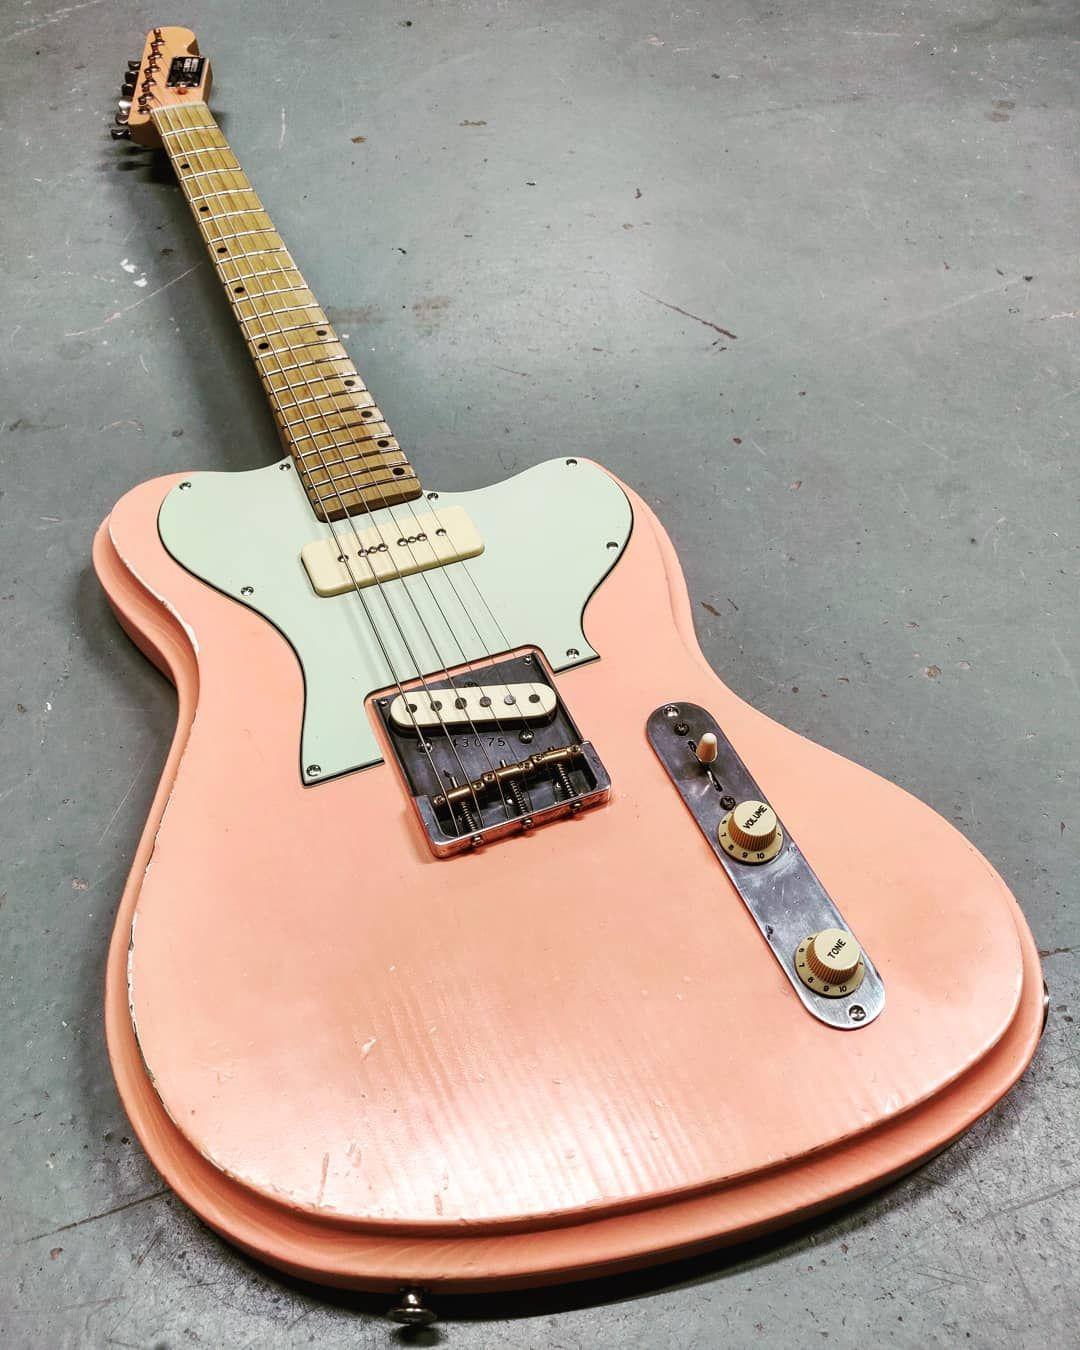 Art Cool Guitar Designs